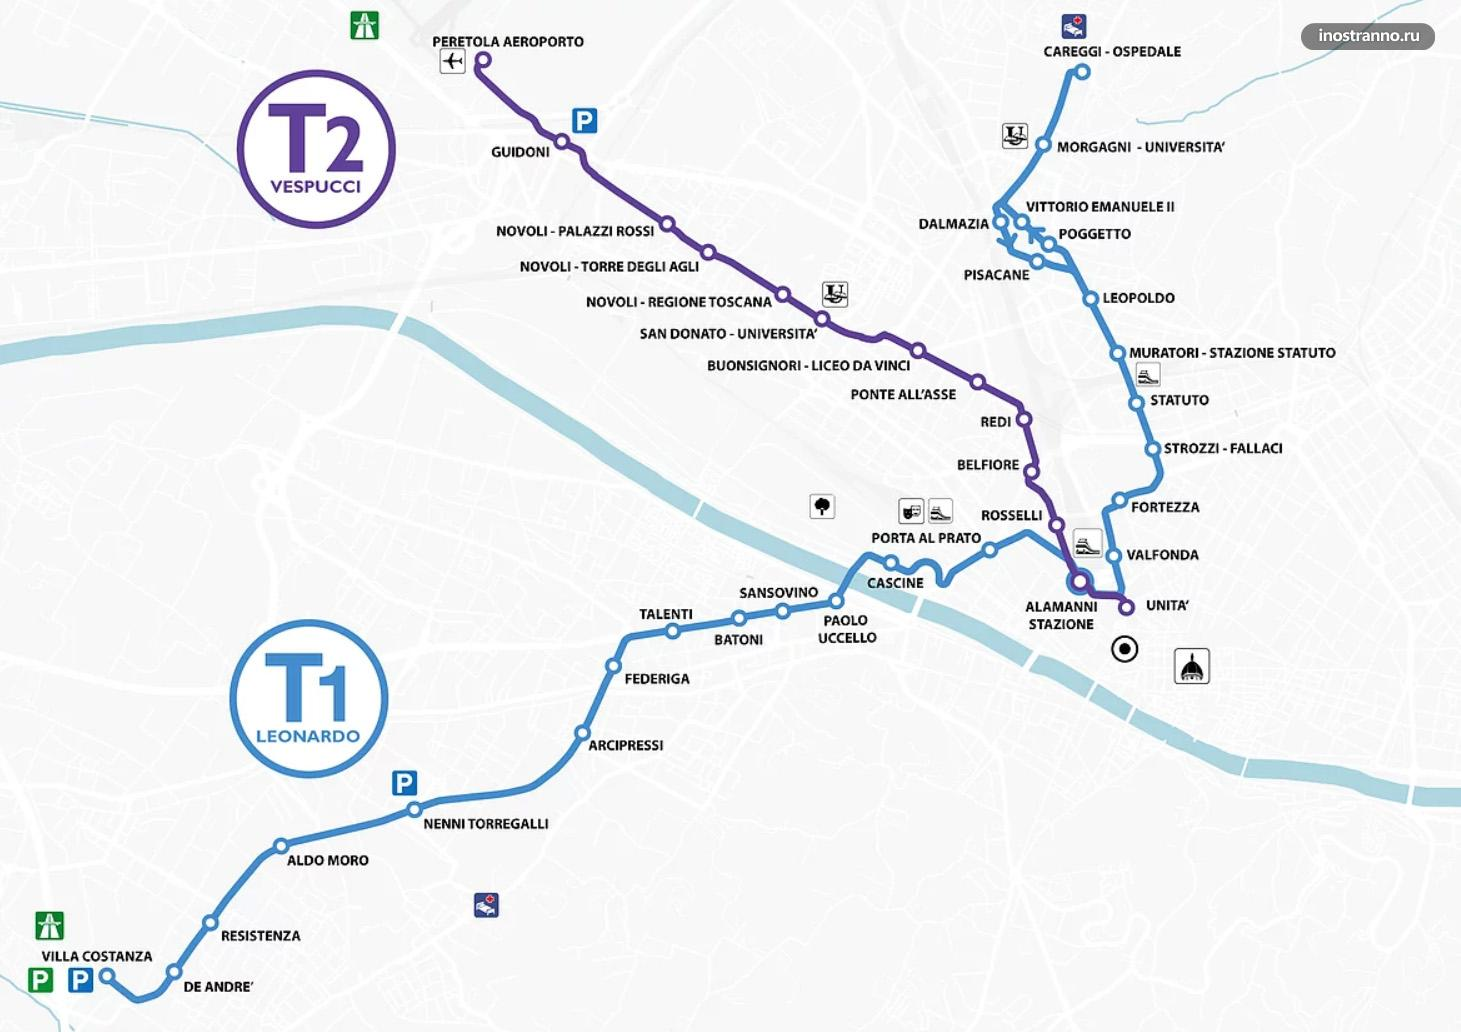 Карта трамваев Флоренции